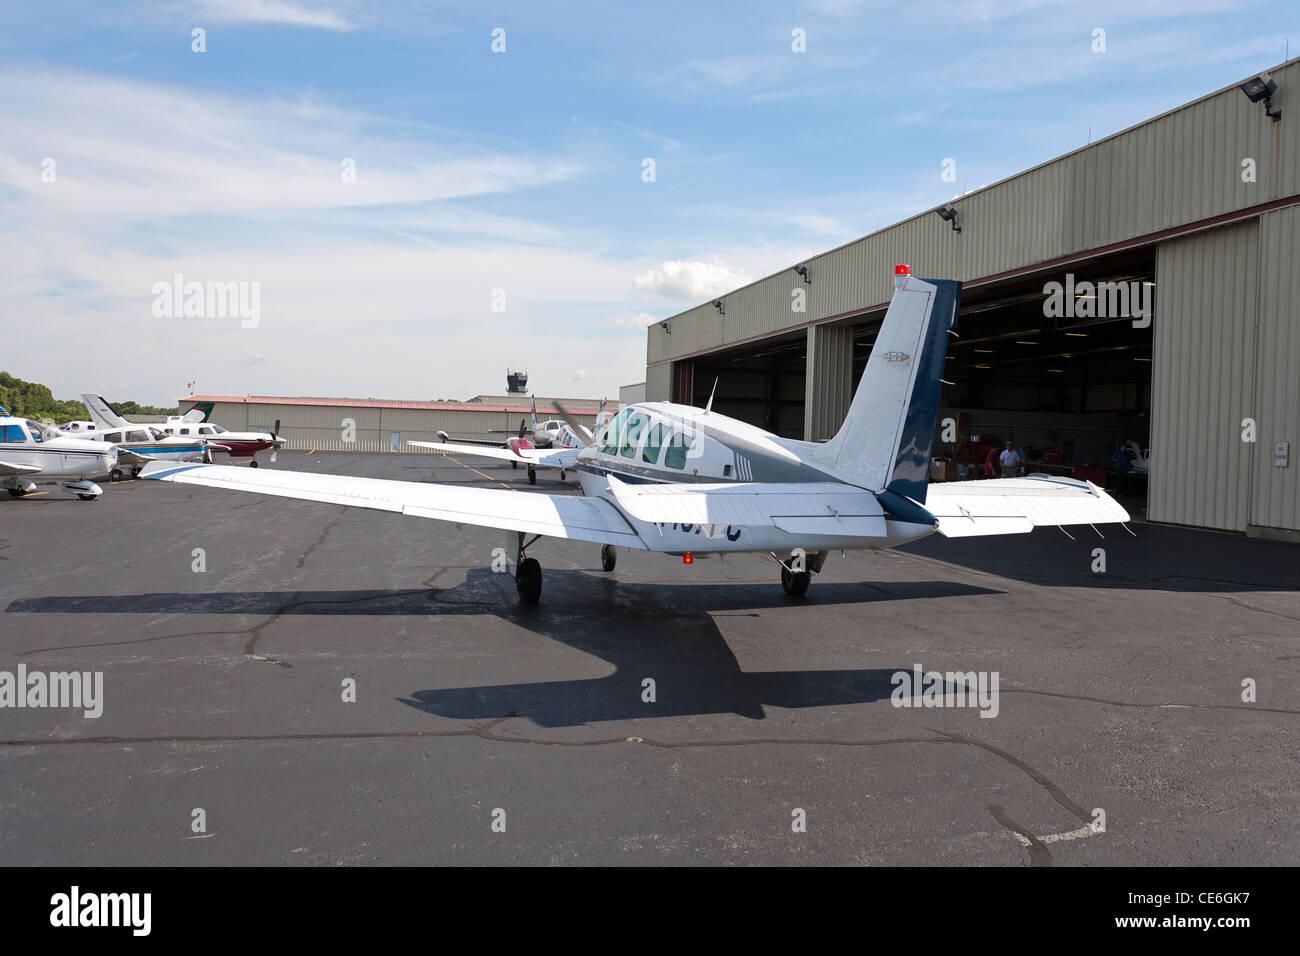 Eine Gruppe von Flugzeugen sitzen auf dem Boden außerhalb ein Flugzeug Kleiderbügel. Stockbild